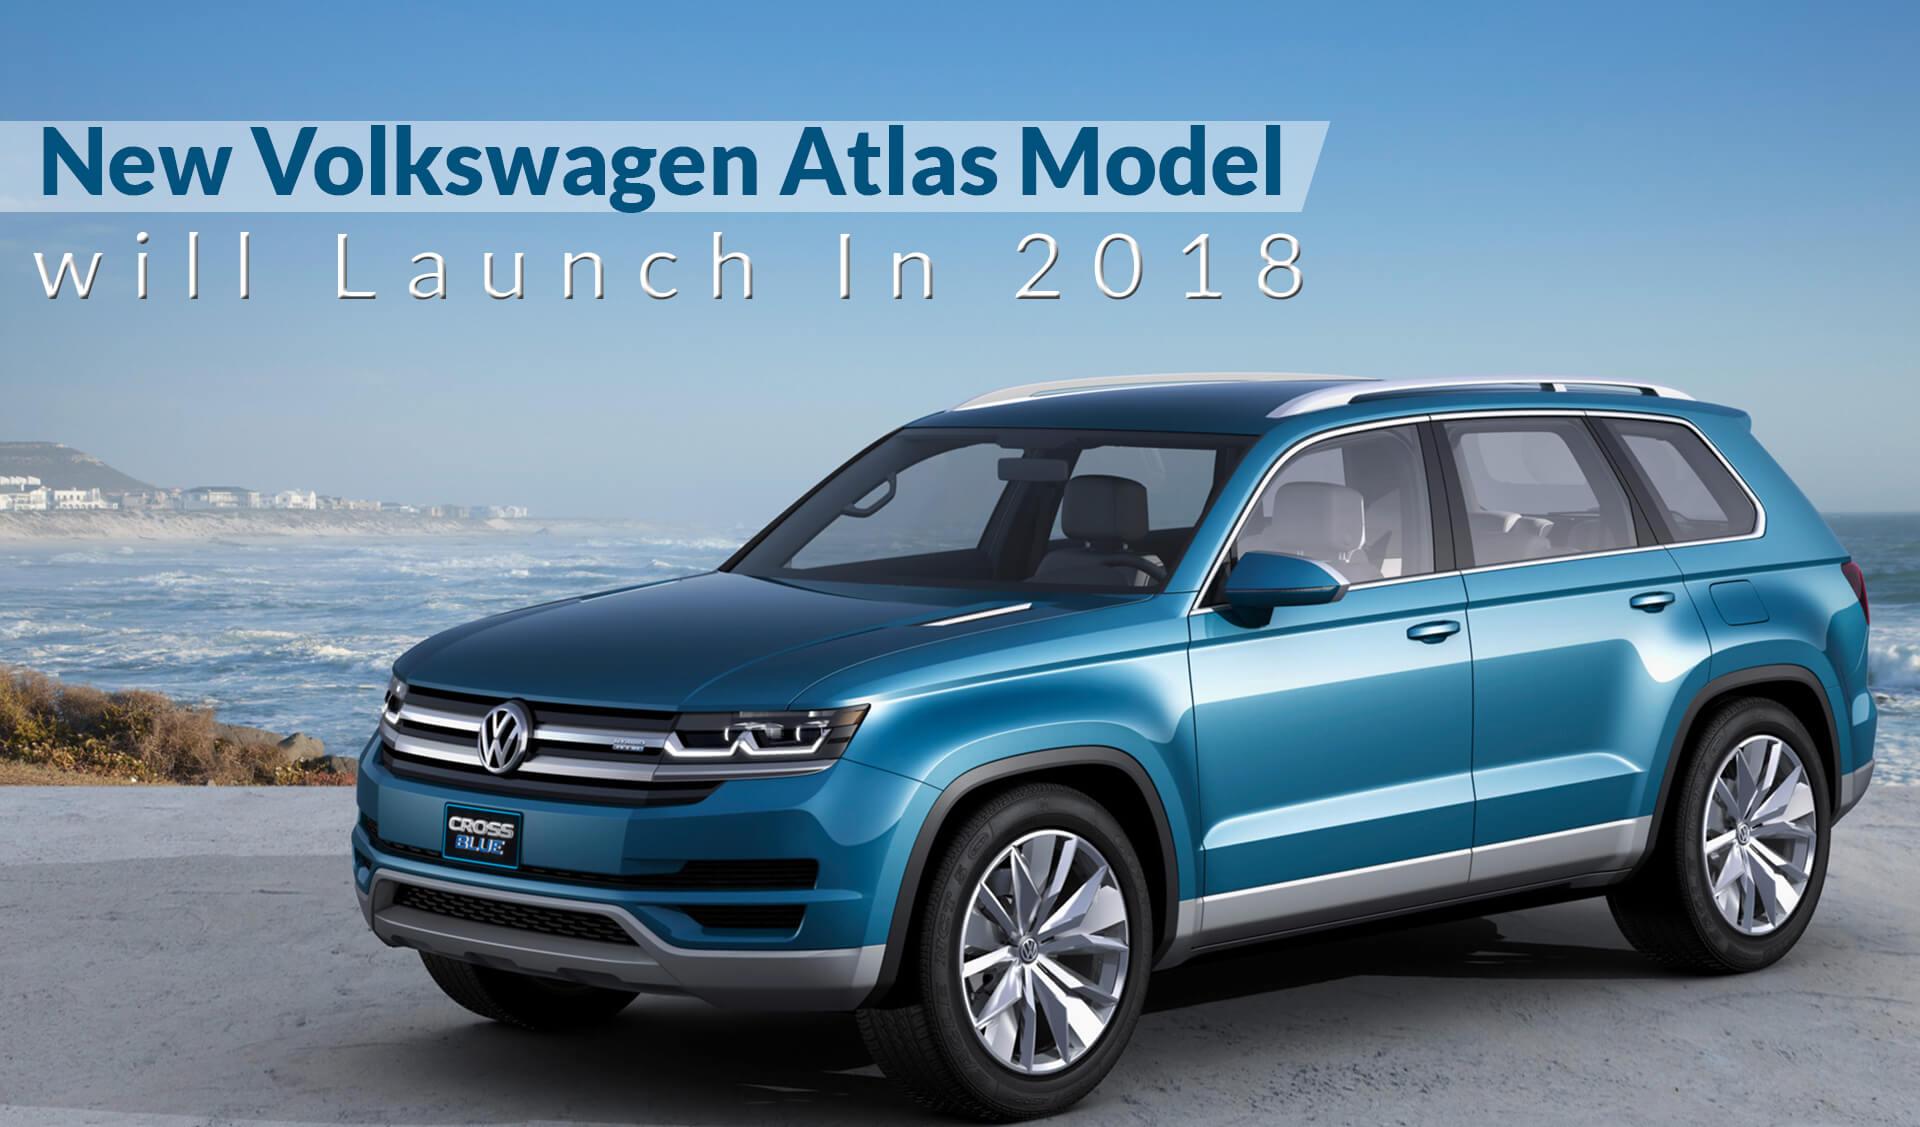 New Volkswagen Atlas Model will Launch In 2018